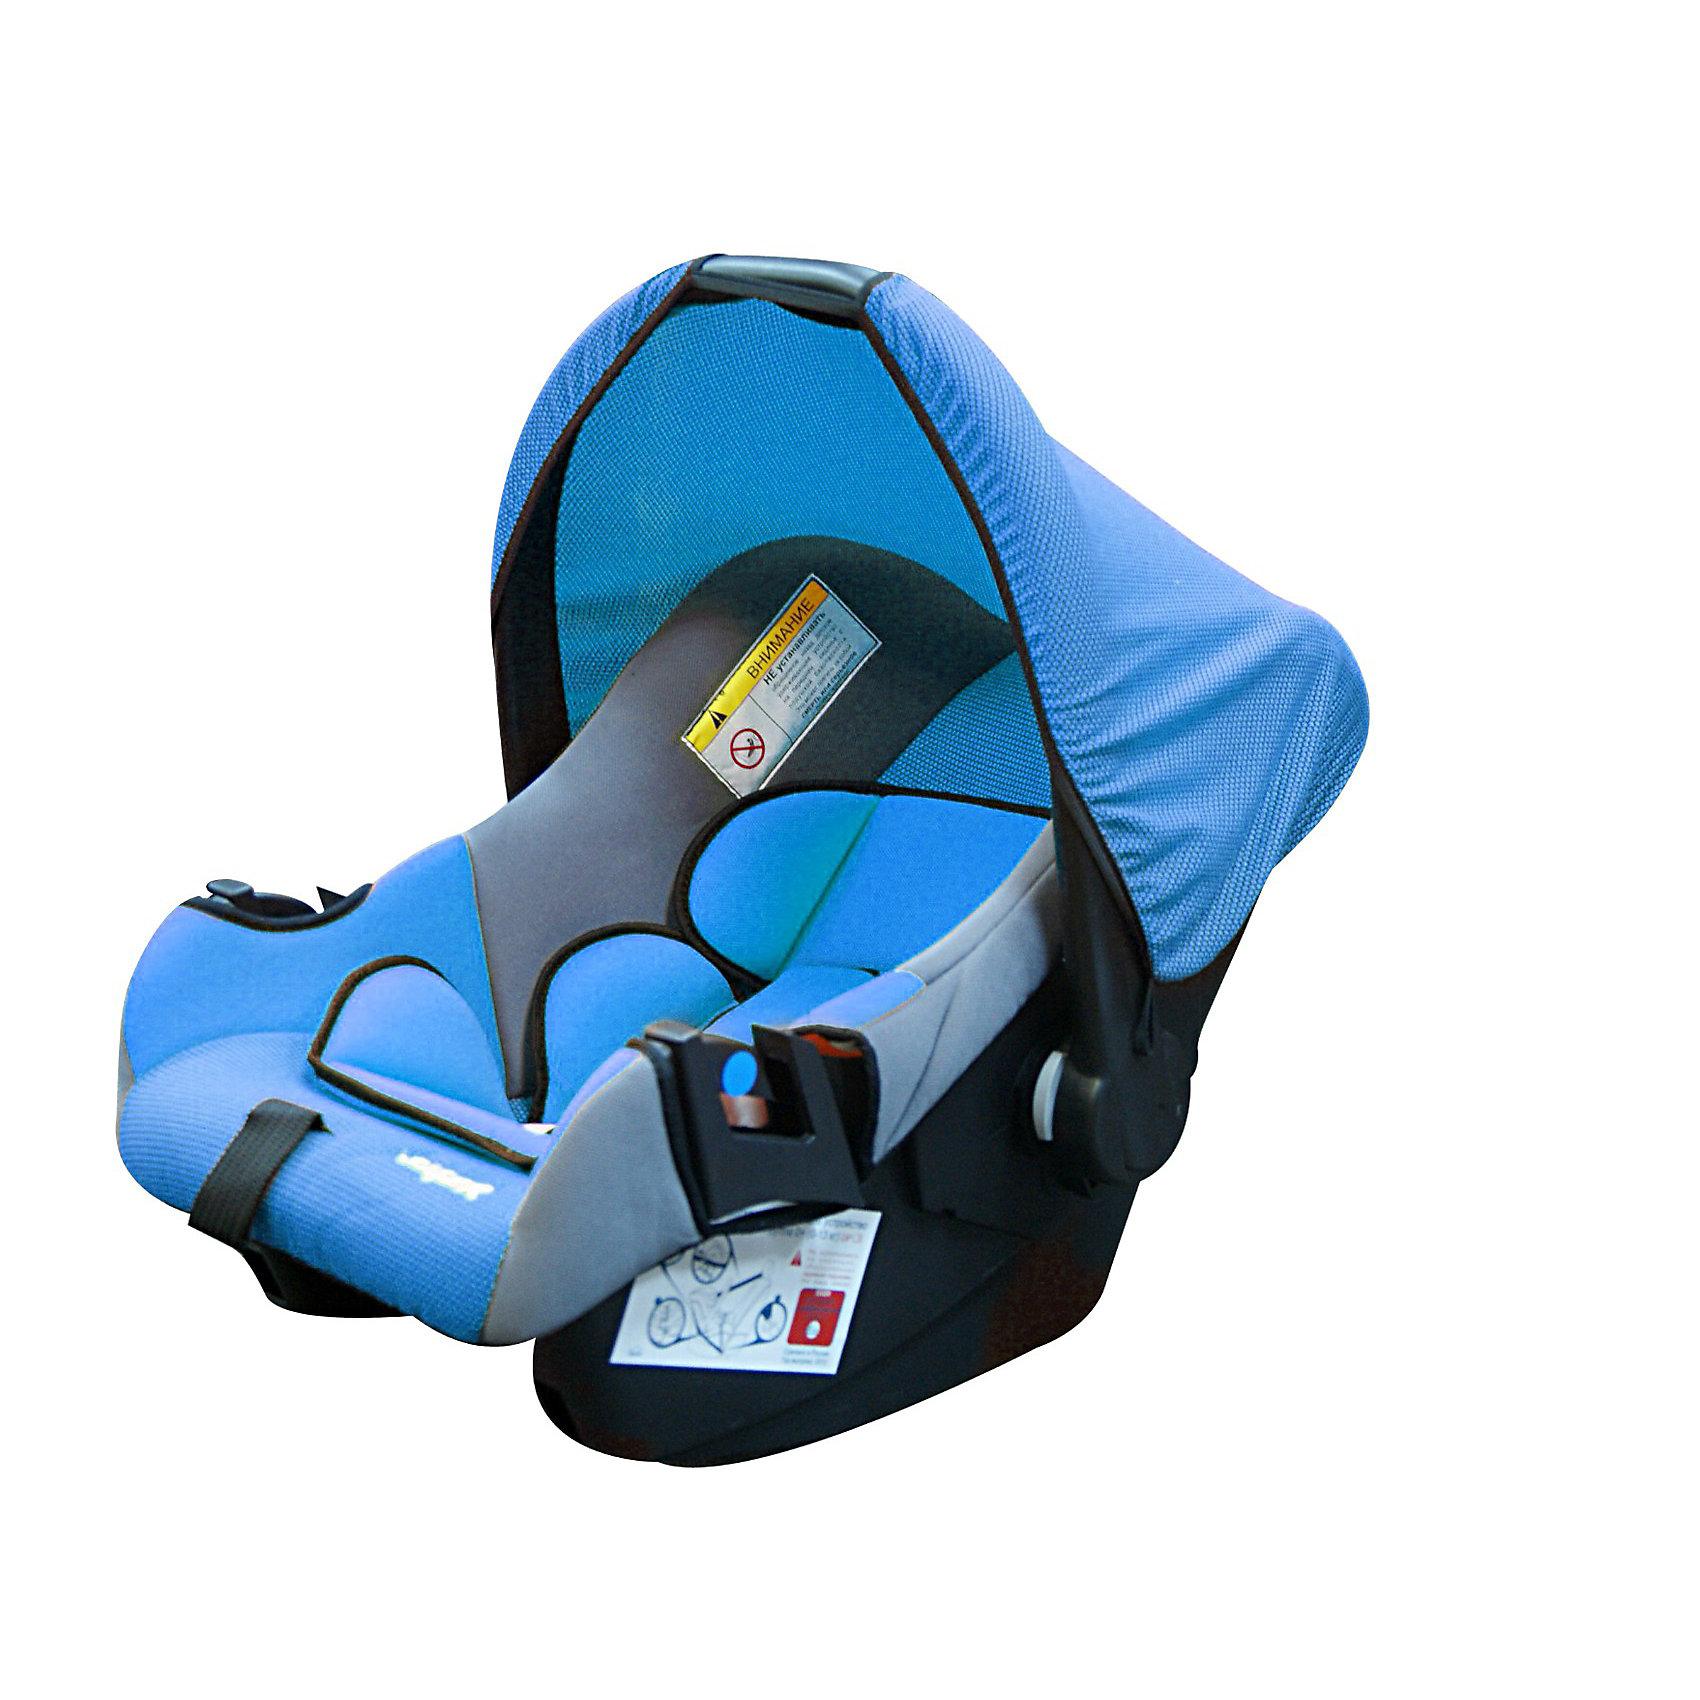 Автокресло Эгида Люкс, 0-13 кг., SIGER, синий (Siger)